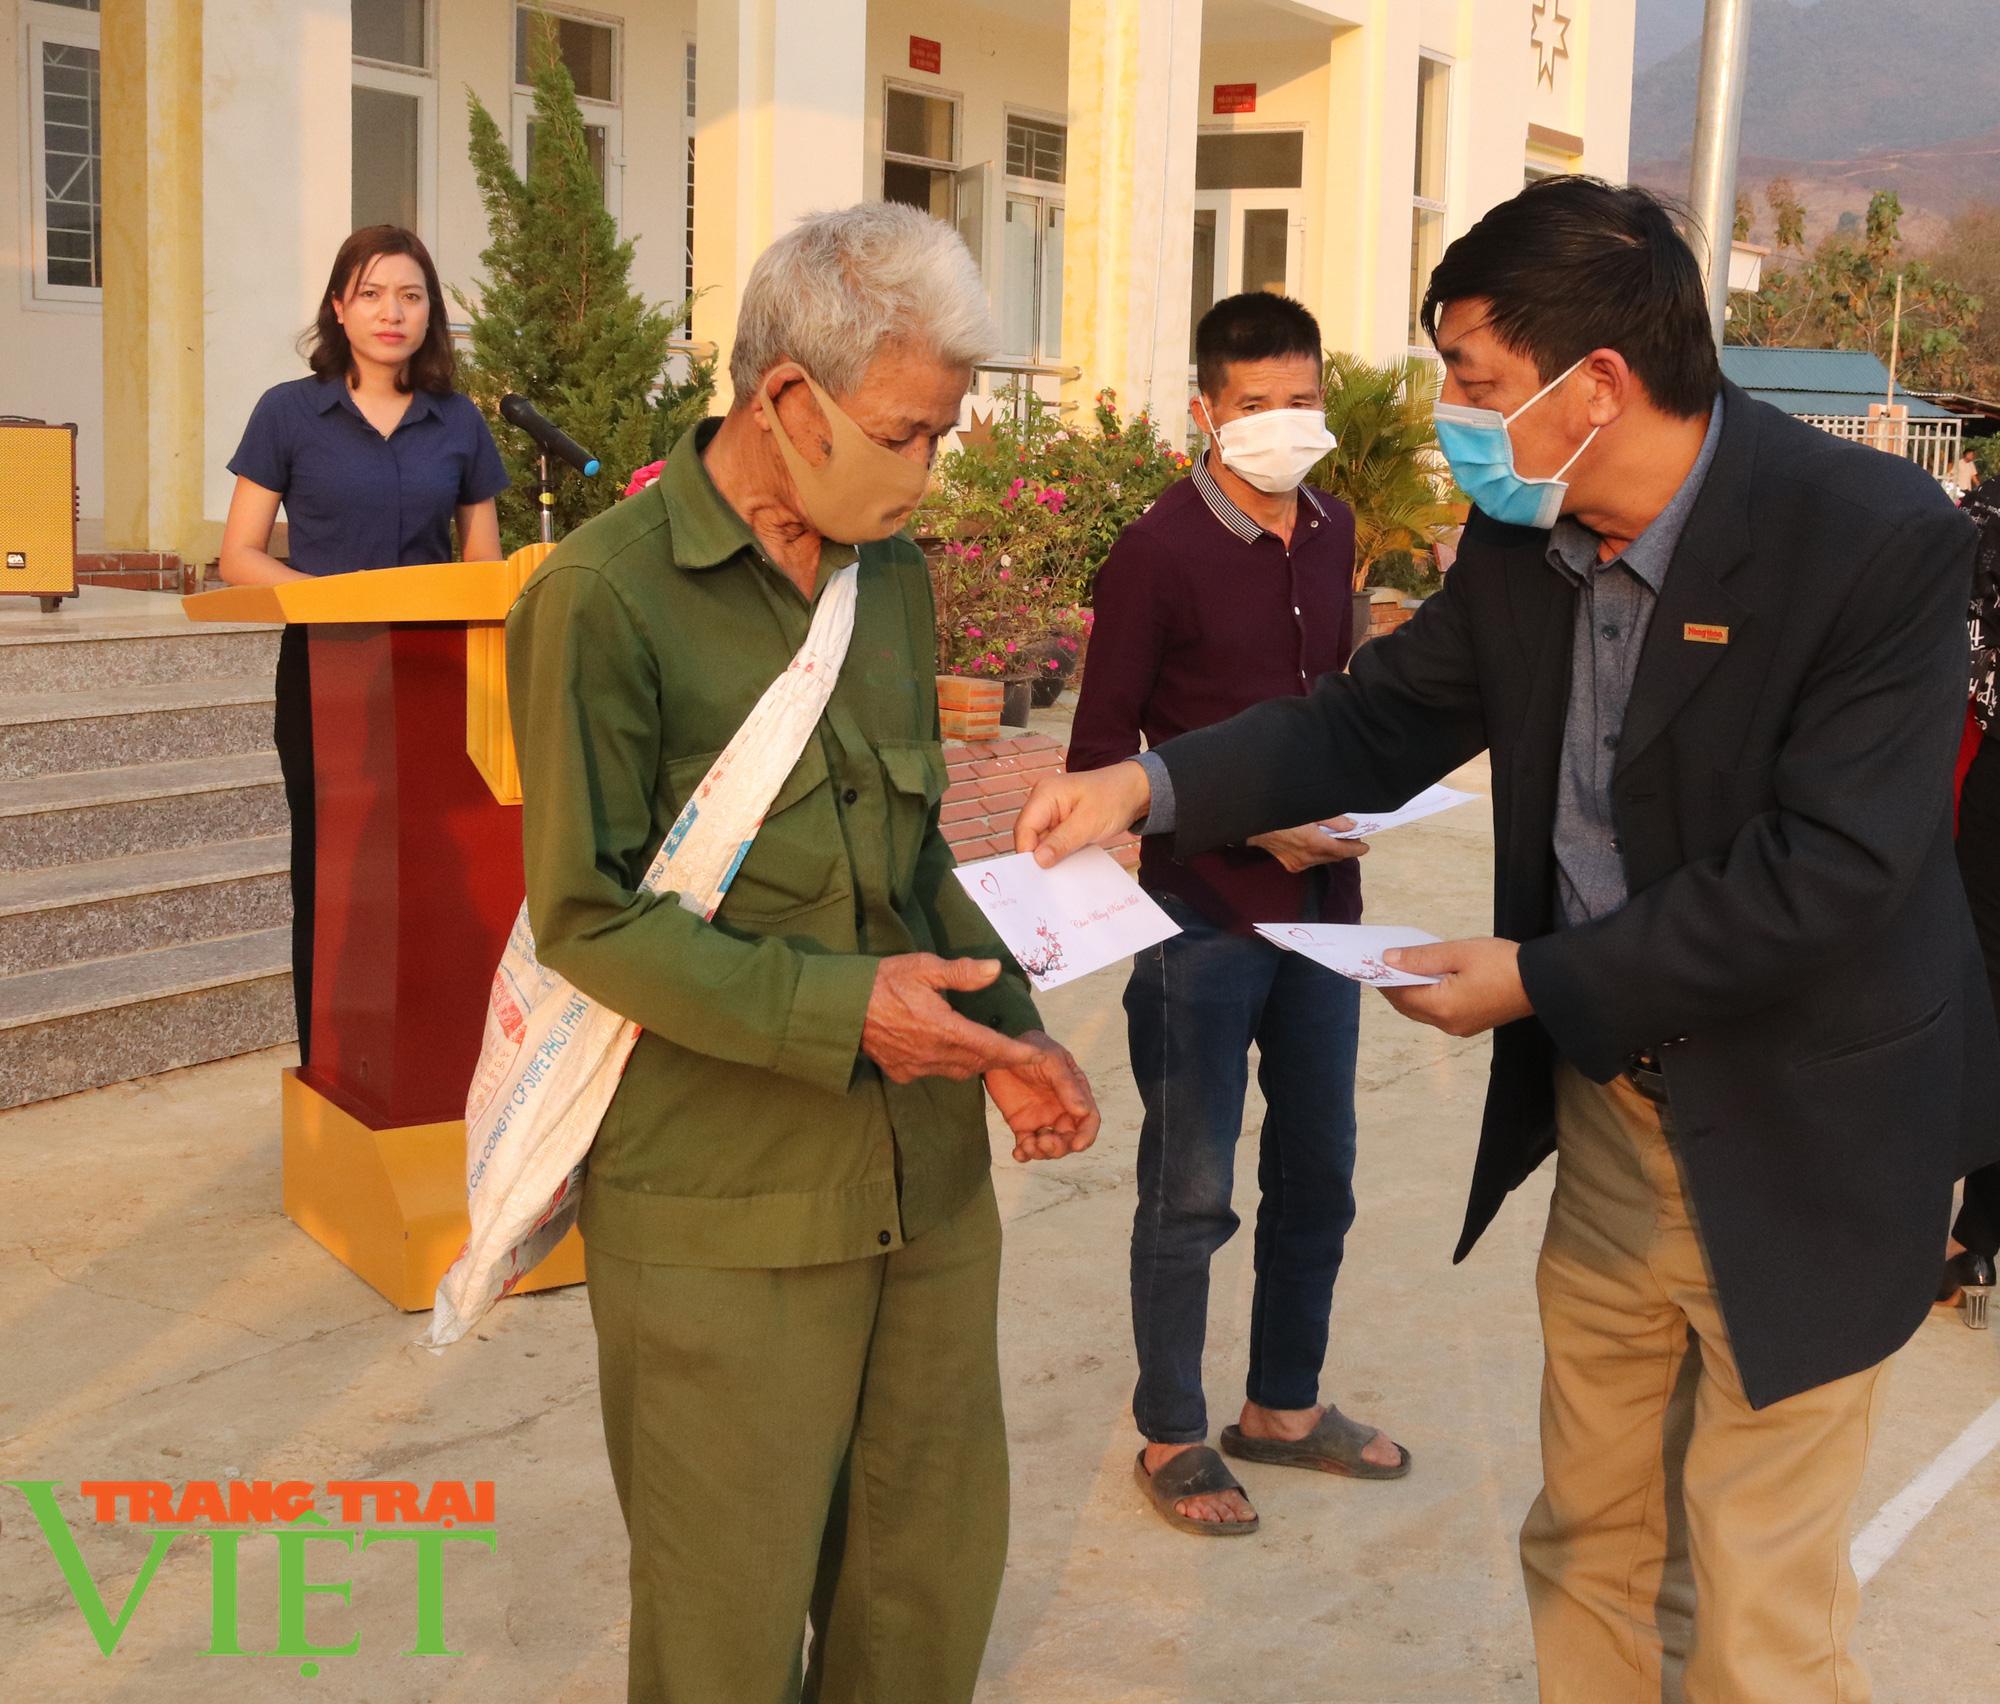 Báo NTNN/Dân Việt/Trang Trại Việt chung tay lo tết với nông dân nghèo Sơn La  - Ảnh 8.